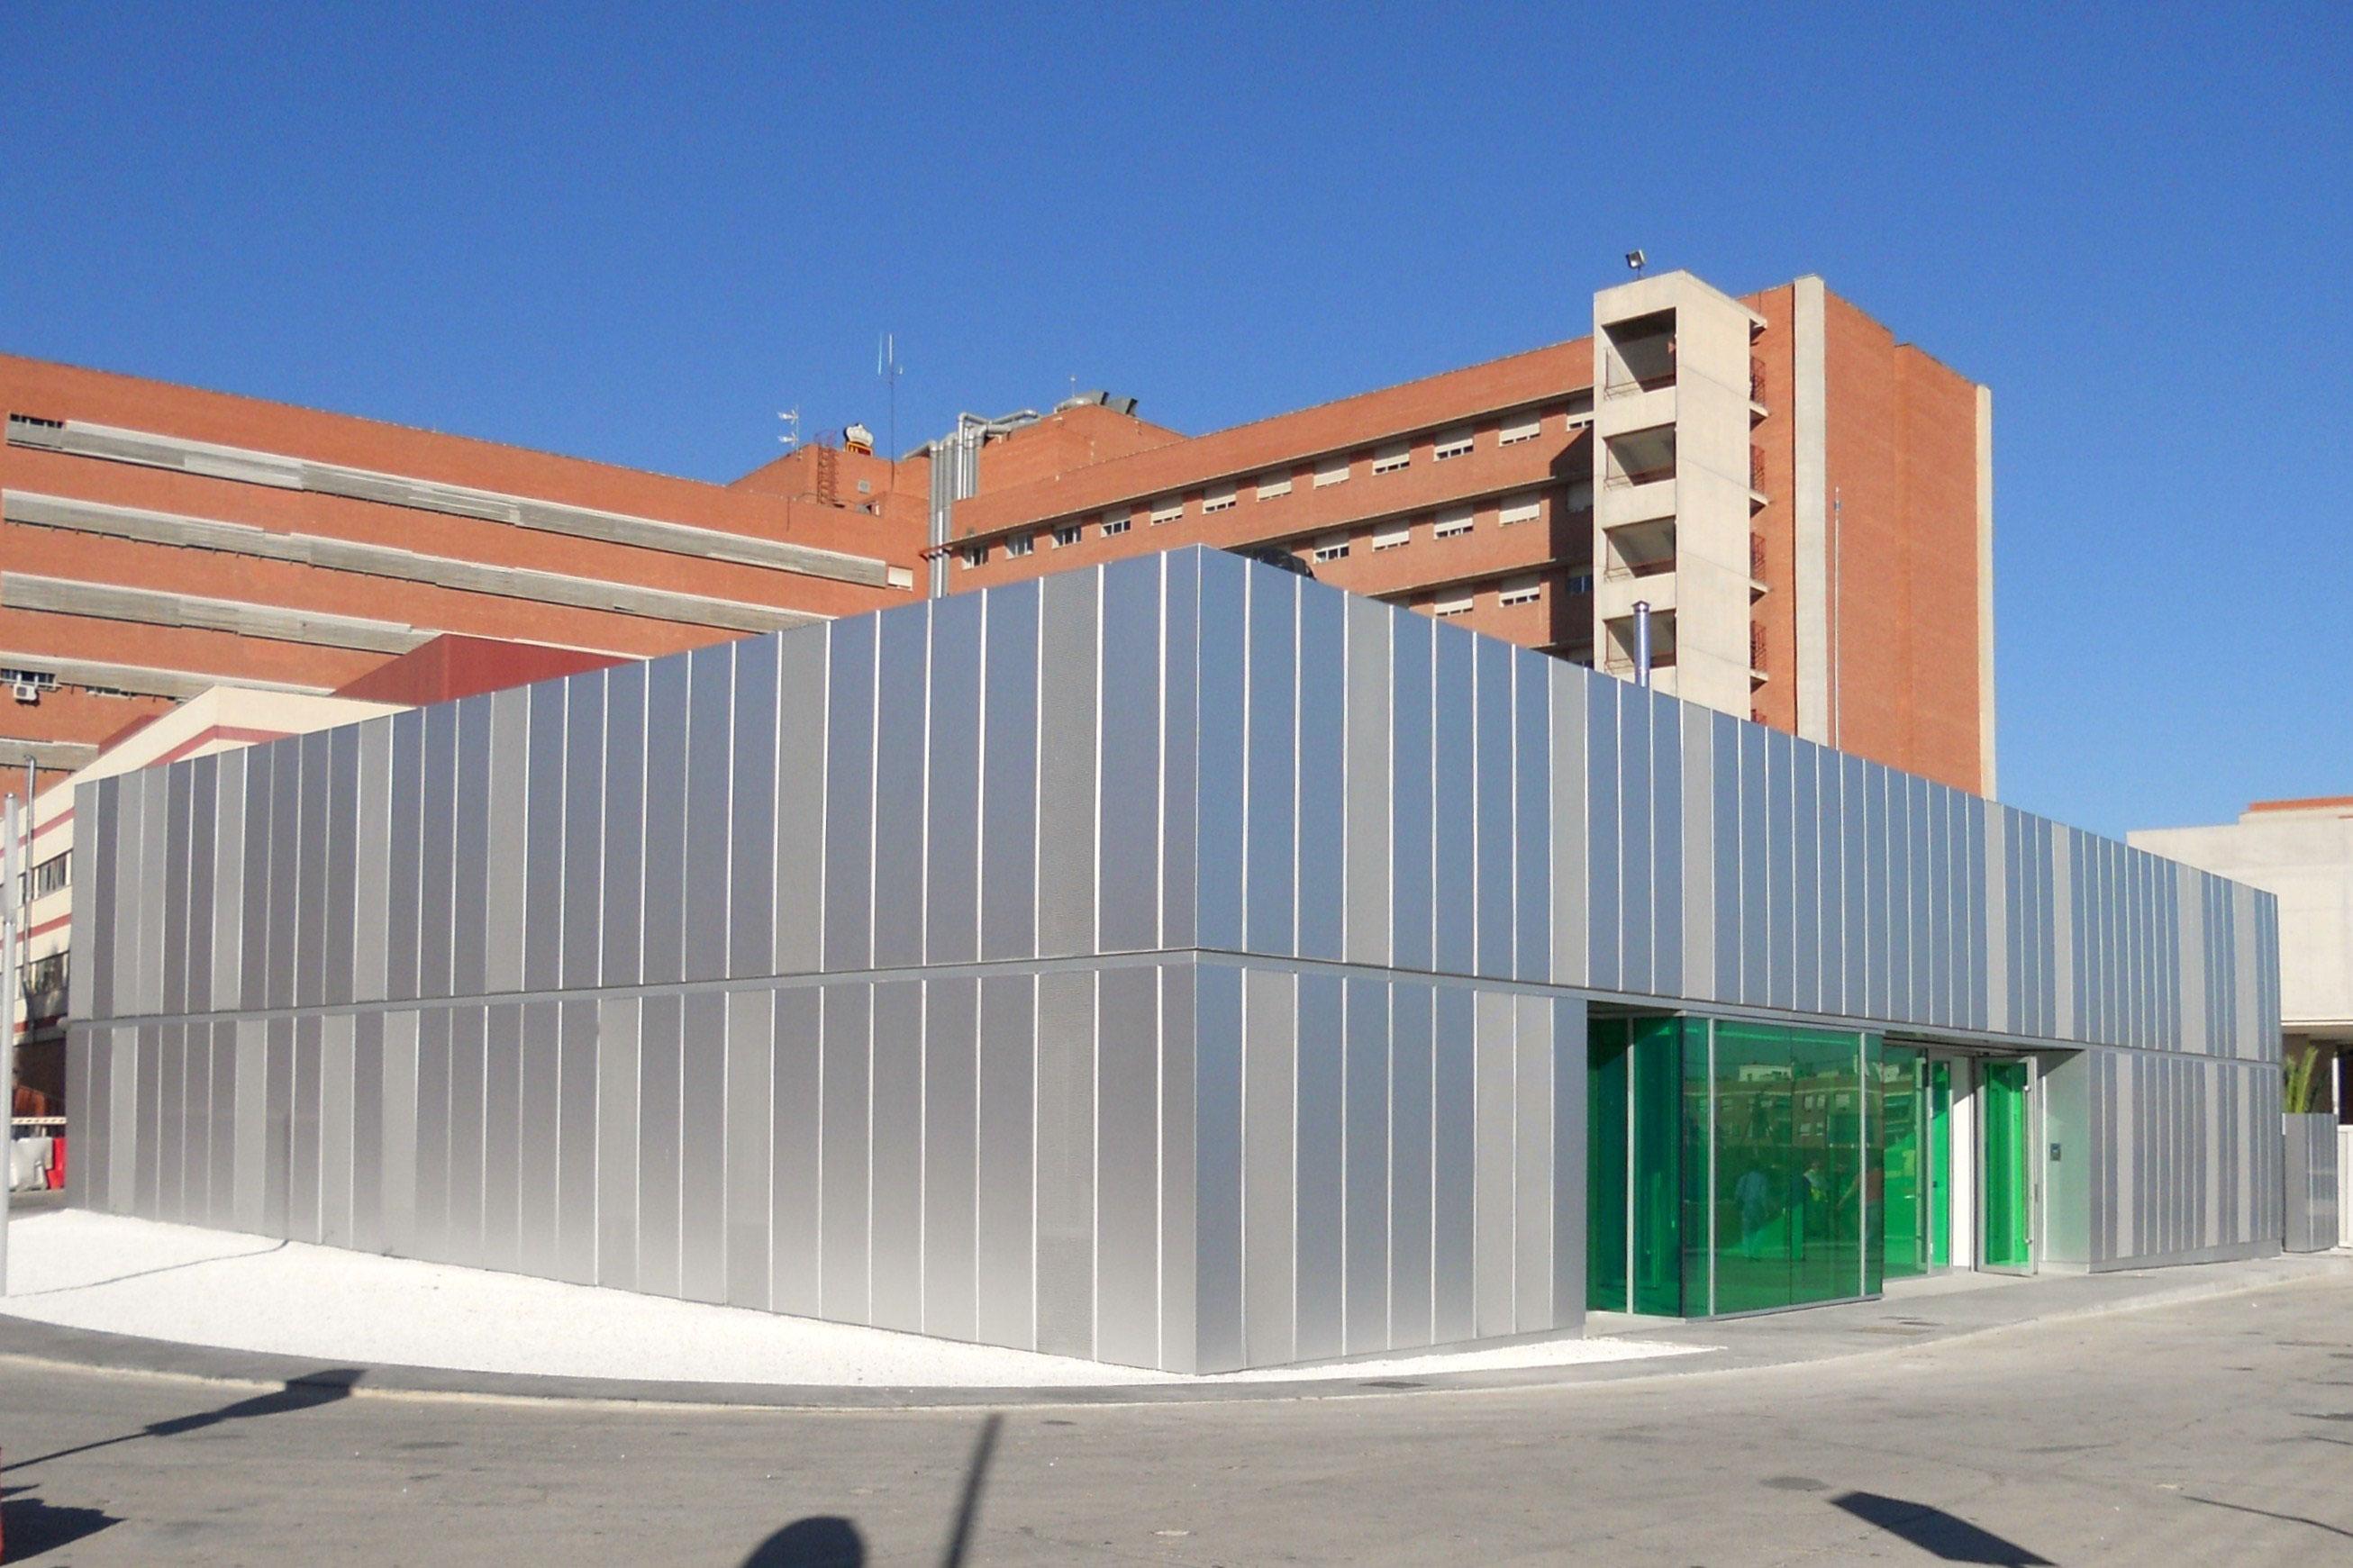 Construcción Laboratorio Farmacéutico. Olarco S.L. Construcciones y Mantenimientos